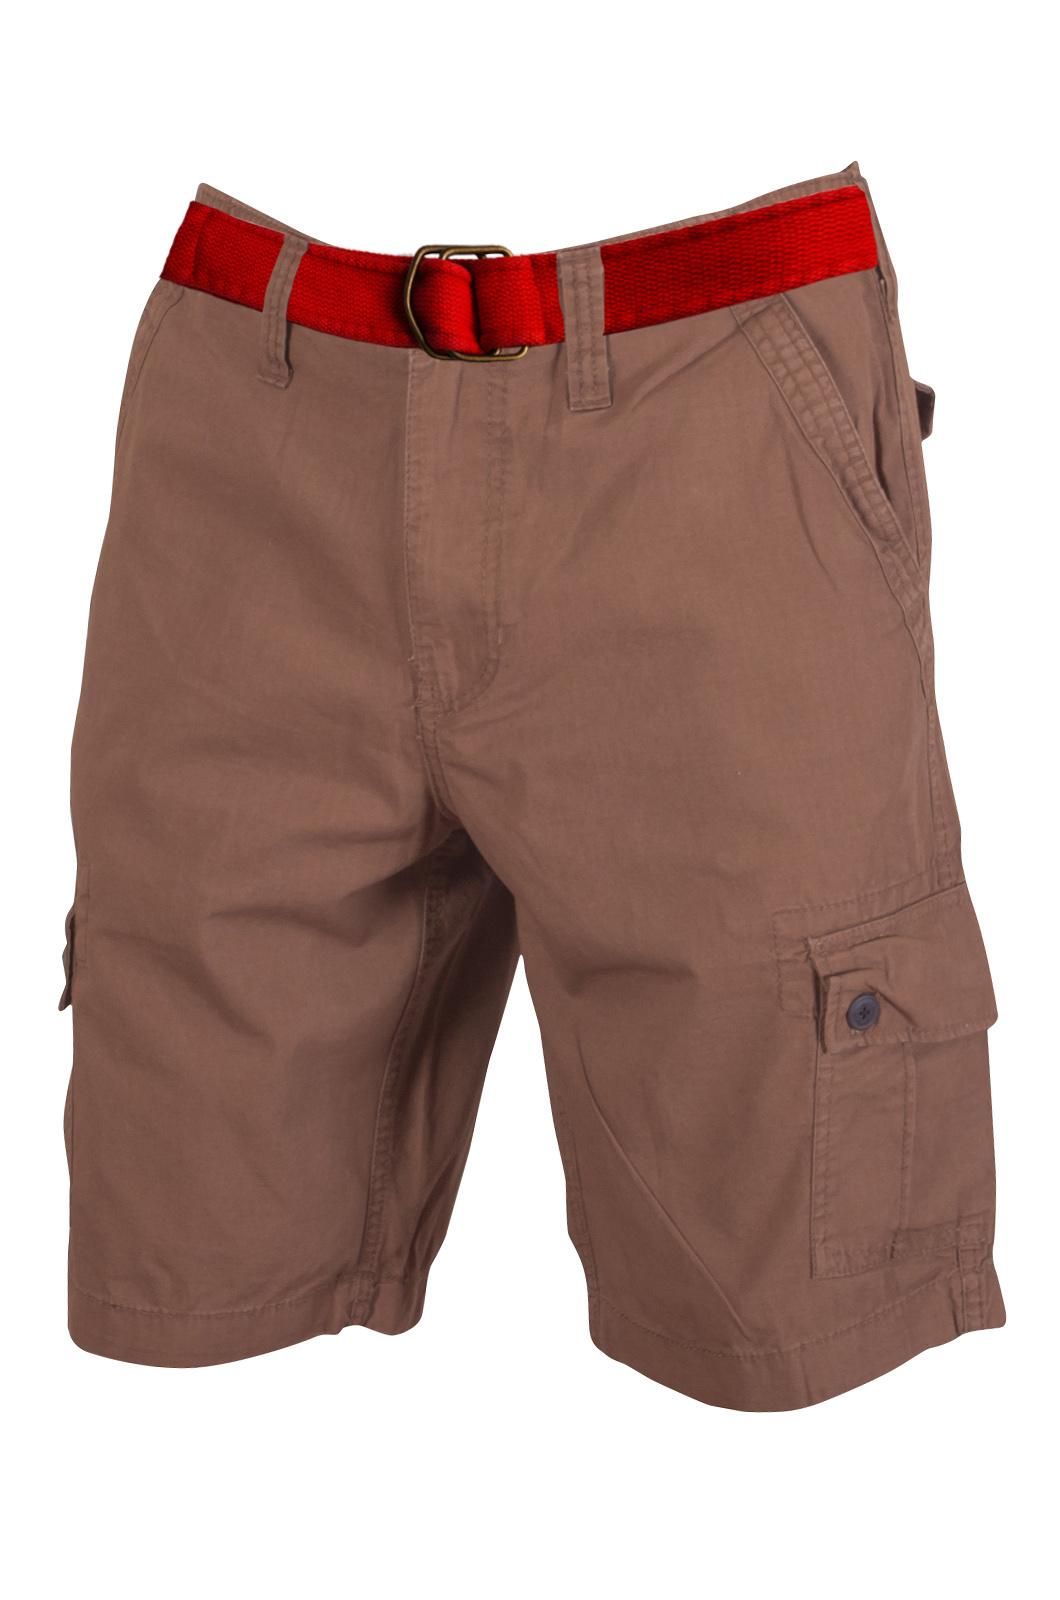 Модные шорты с ремнём - купить онлайн в Военпро